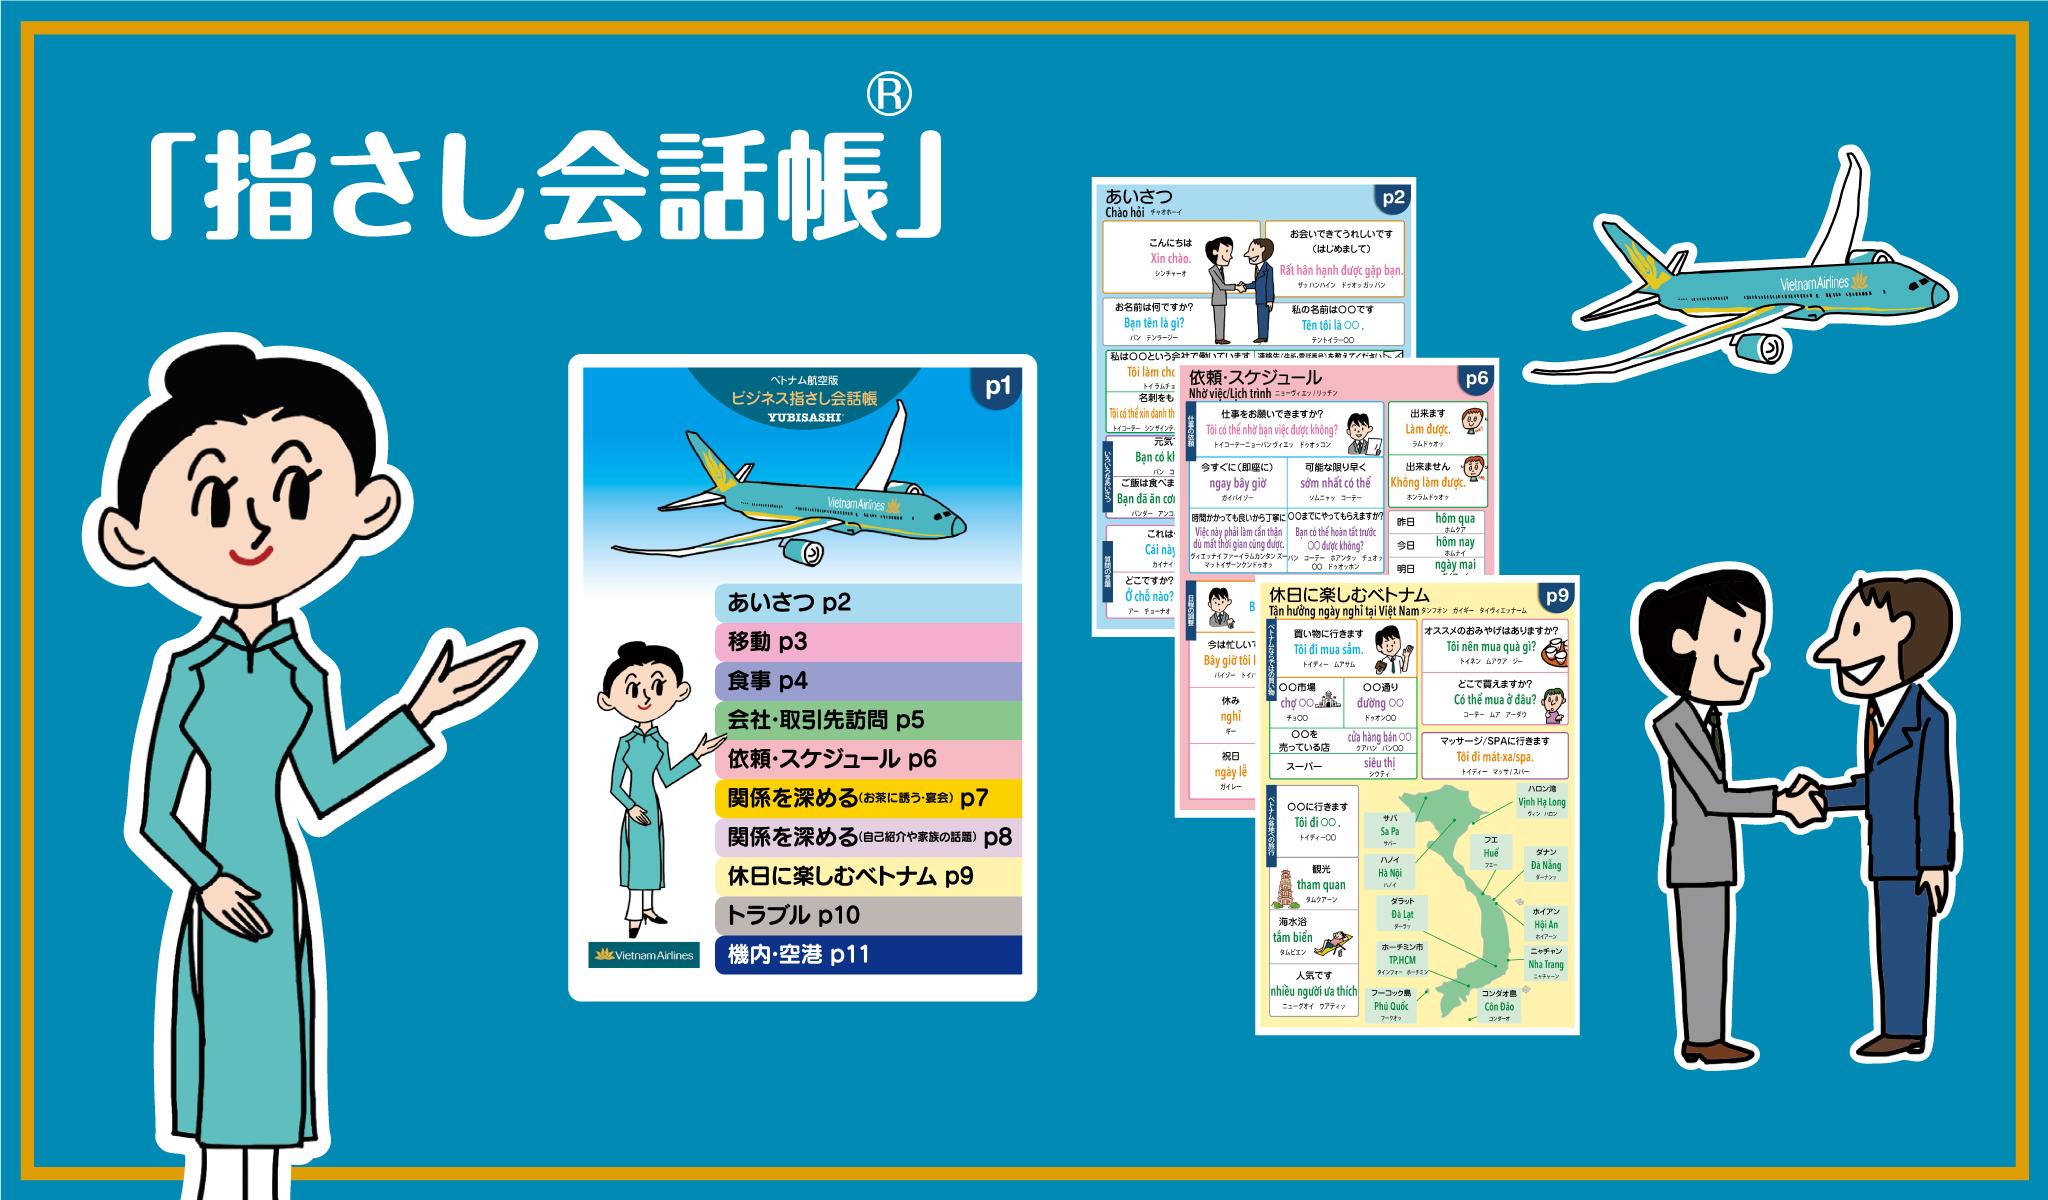 「Youtube-DLG」 日本語化ファイル公開!